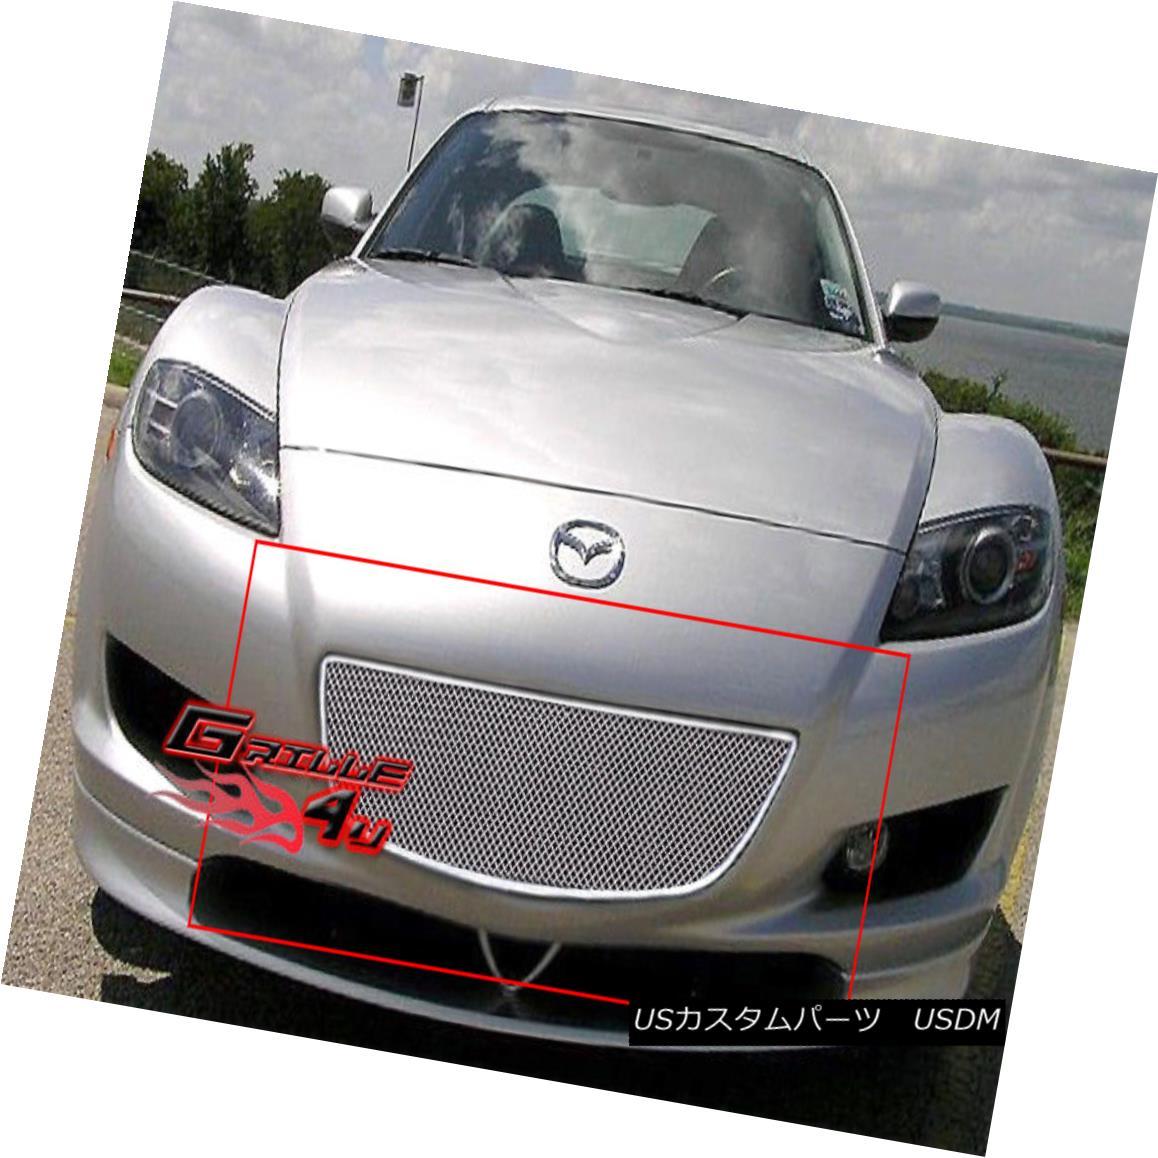 グリル Fits 2004-2008 Mazda RX-8 Stainless Mesh Grille Insert フィット2004-2008マツダRX - 8ステンレスメッシュグリルインサート